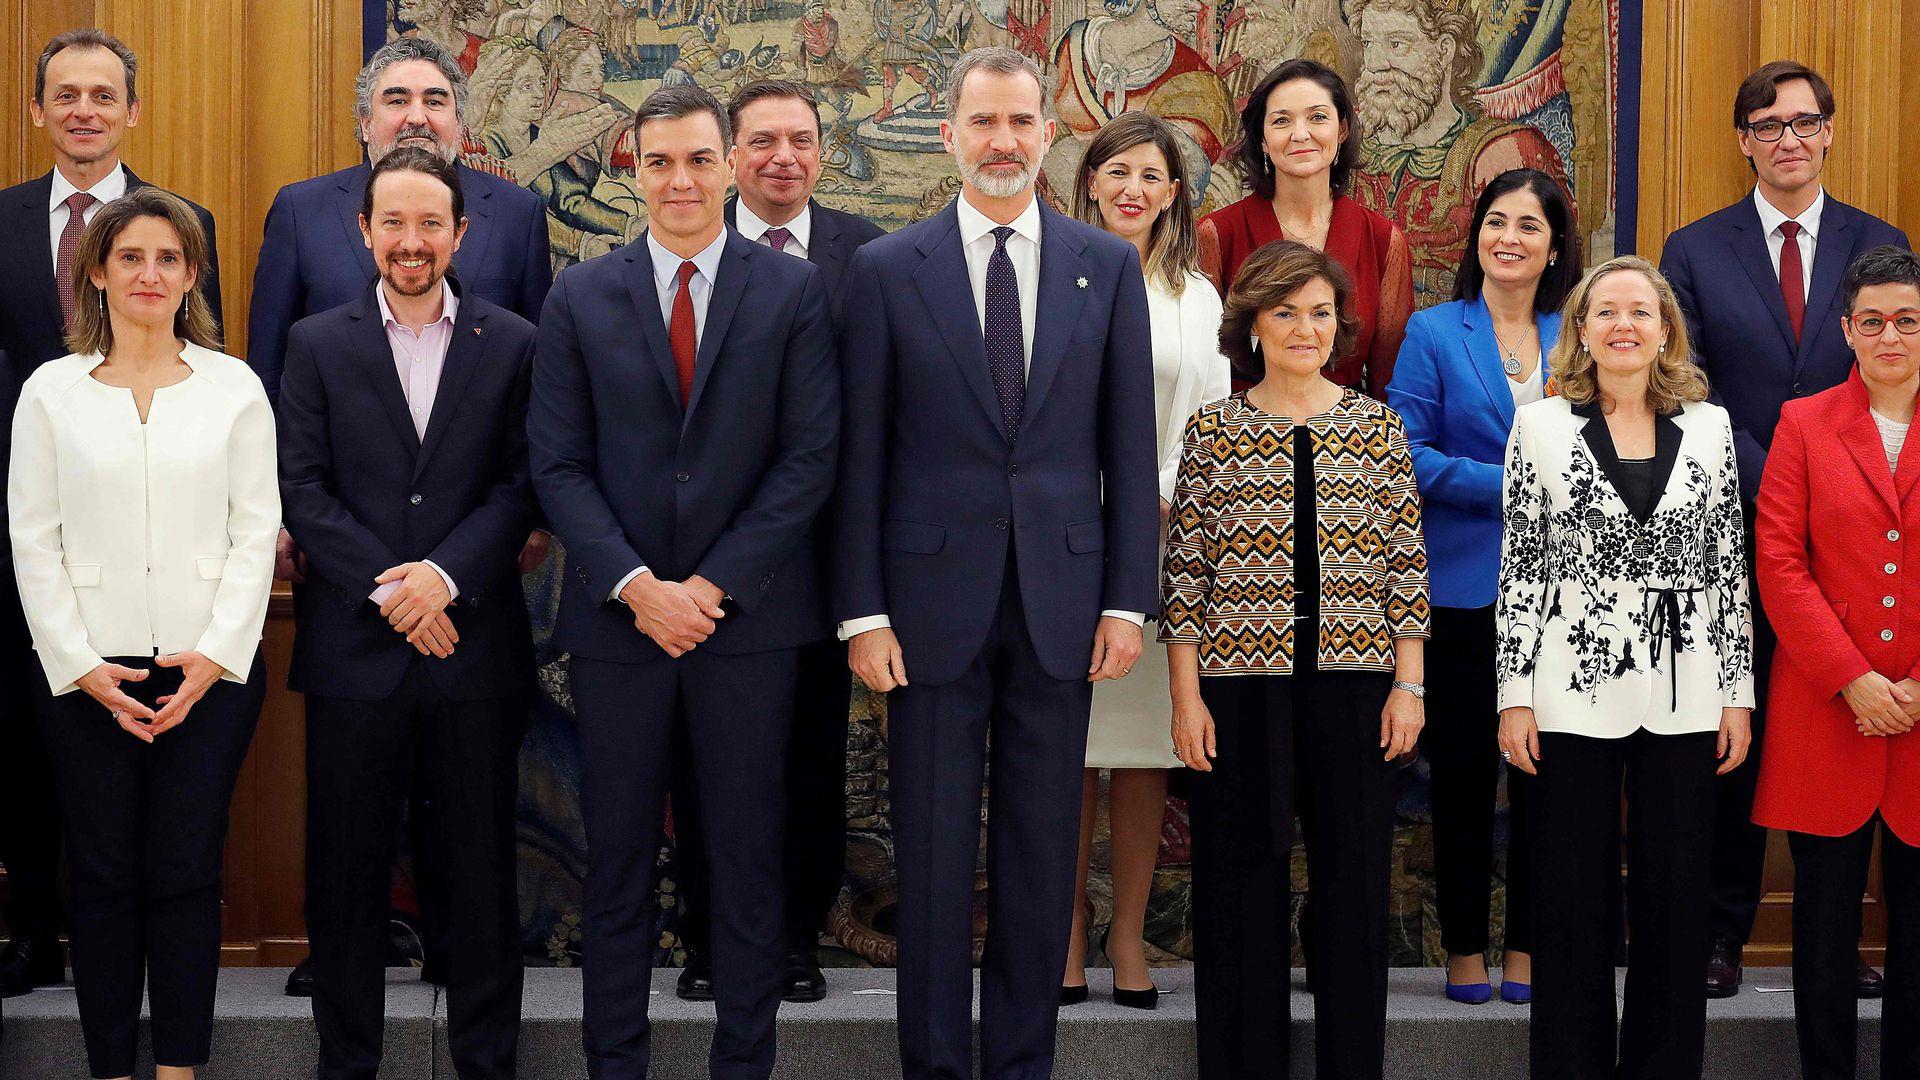 Hispaania uue koalitsioonivalitsuse liikmed andsid ametivande: